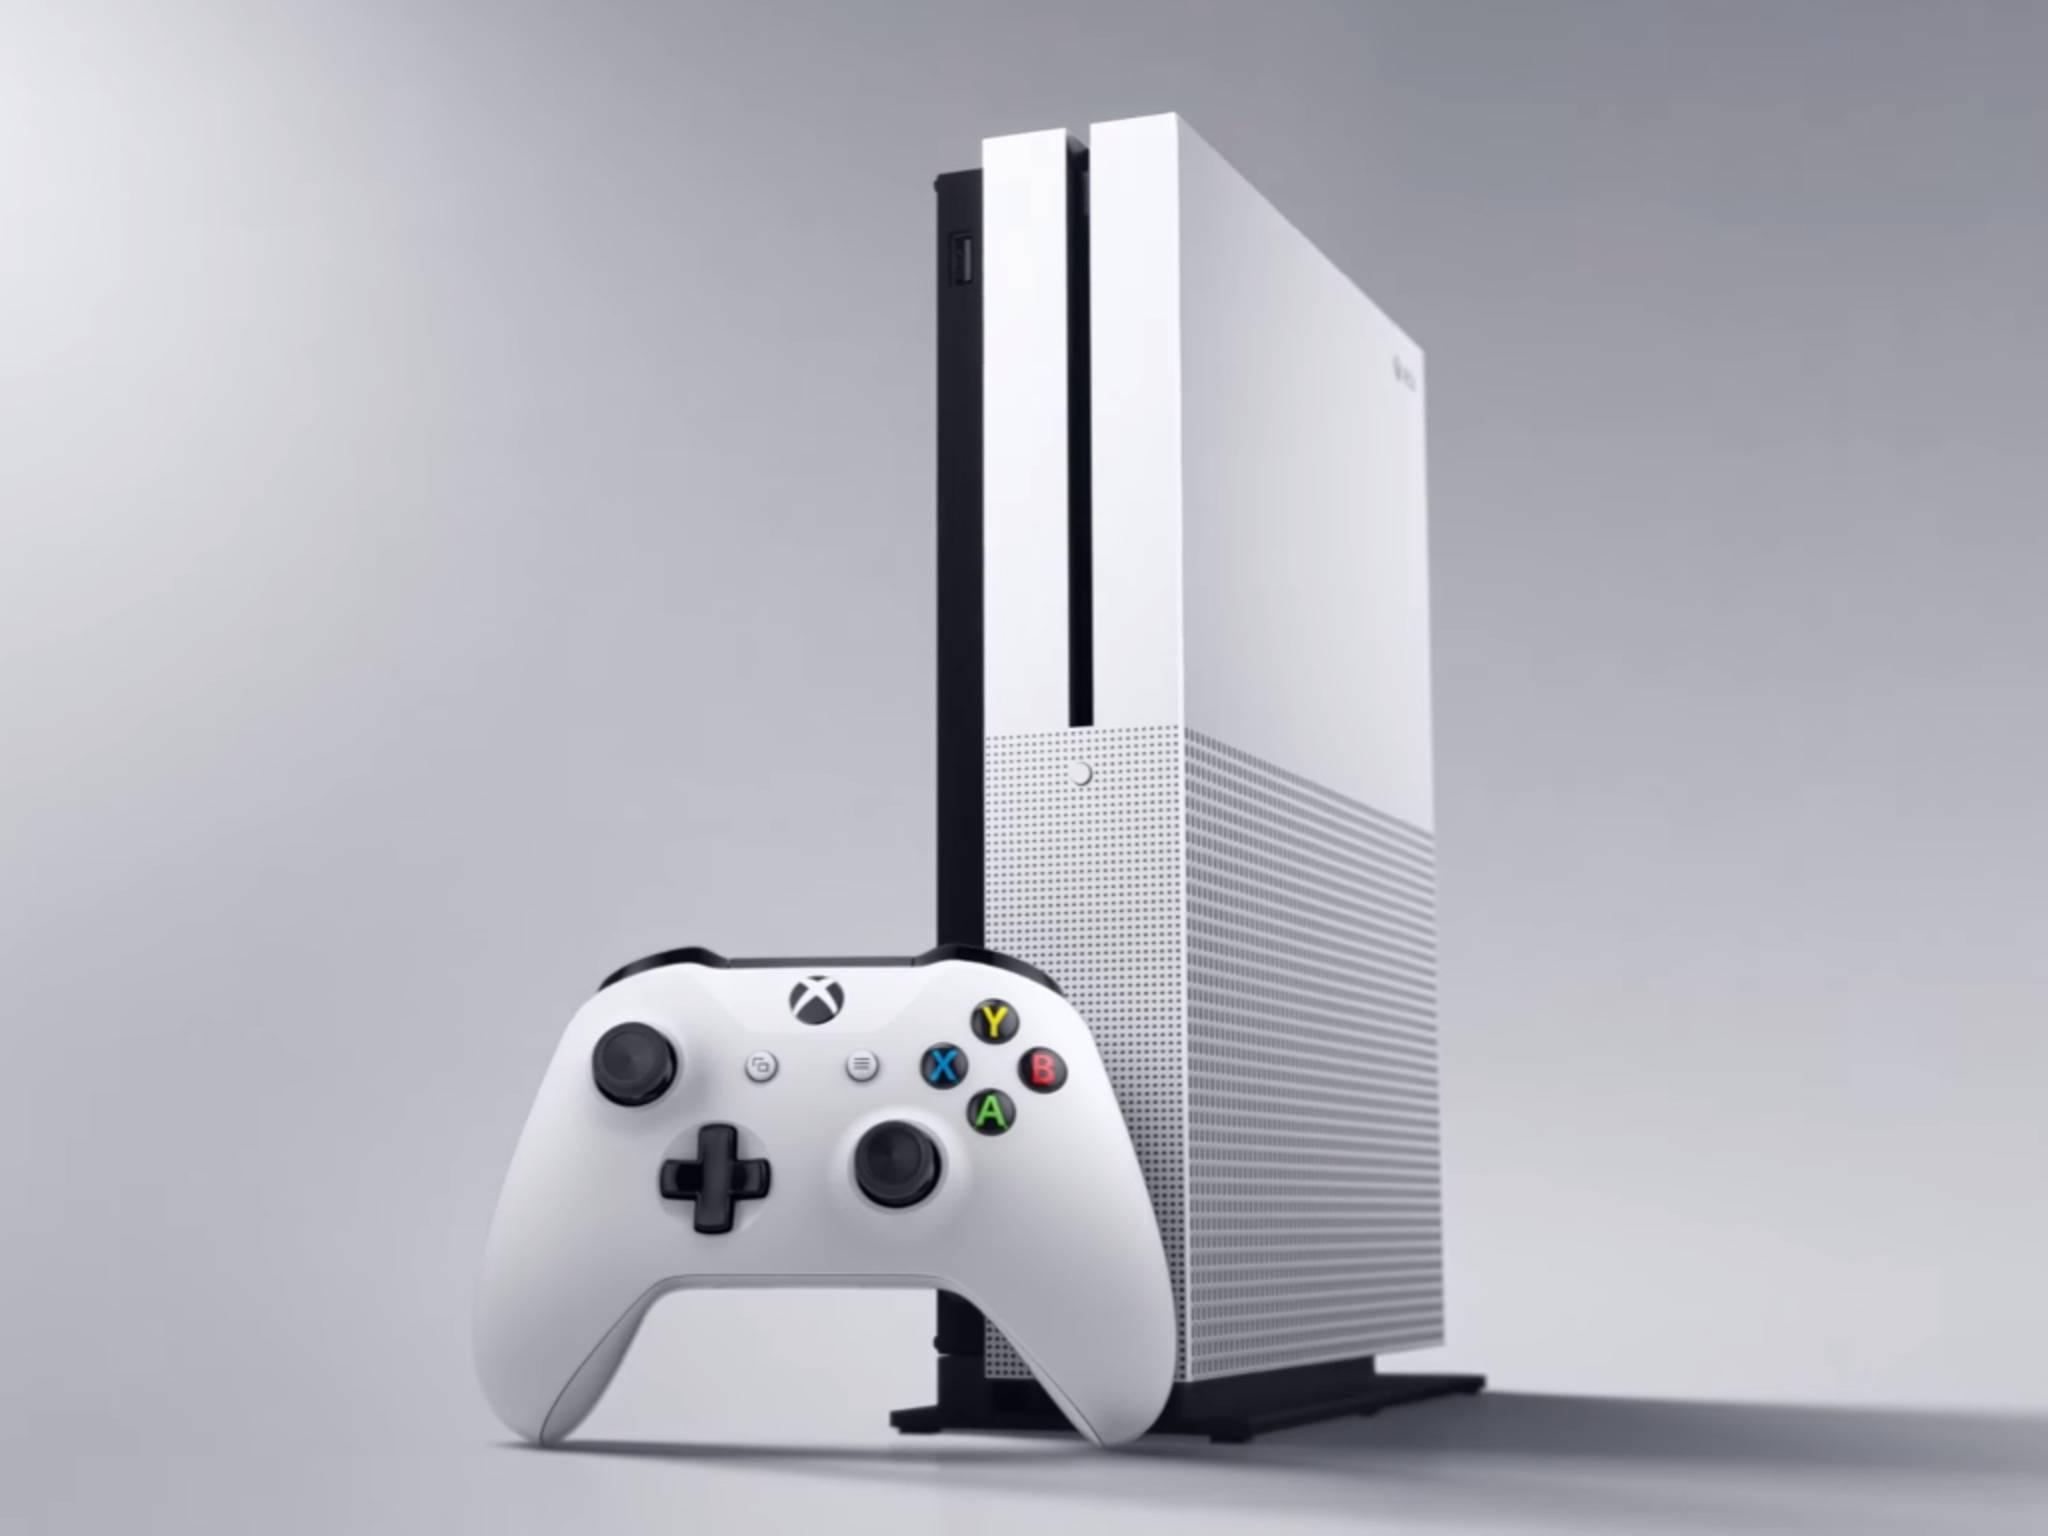 Die Xbox One S ist mehr als eine kleinere Xbox One: Sie spielt Ultra HD Blu-rays ab.